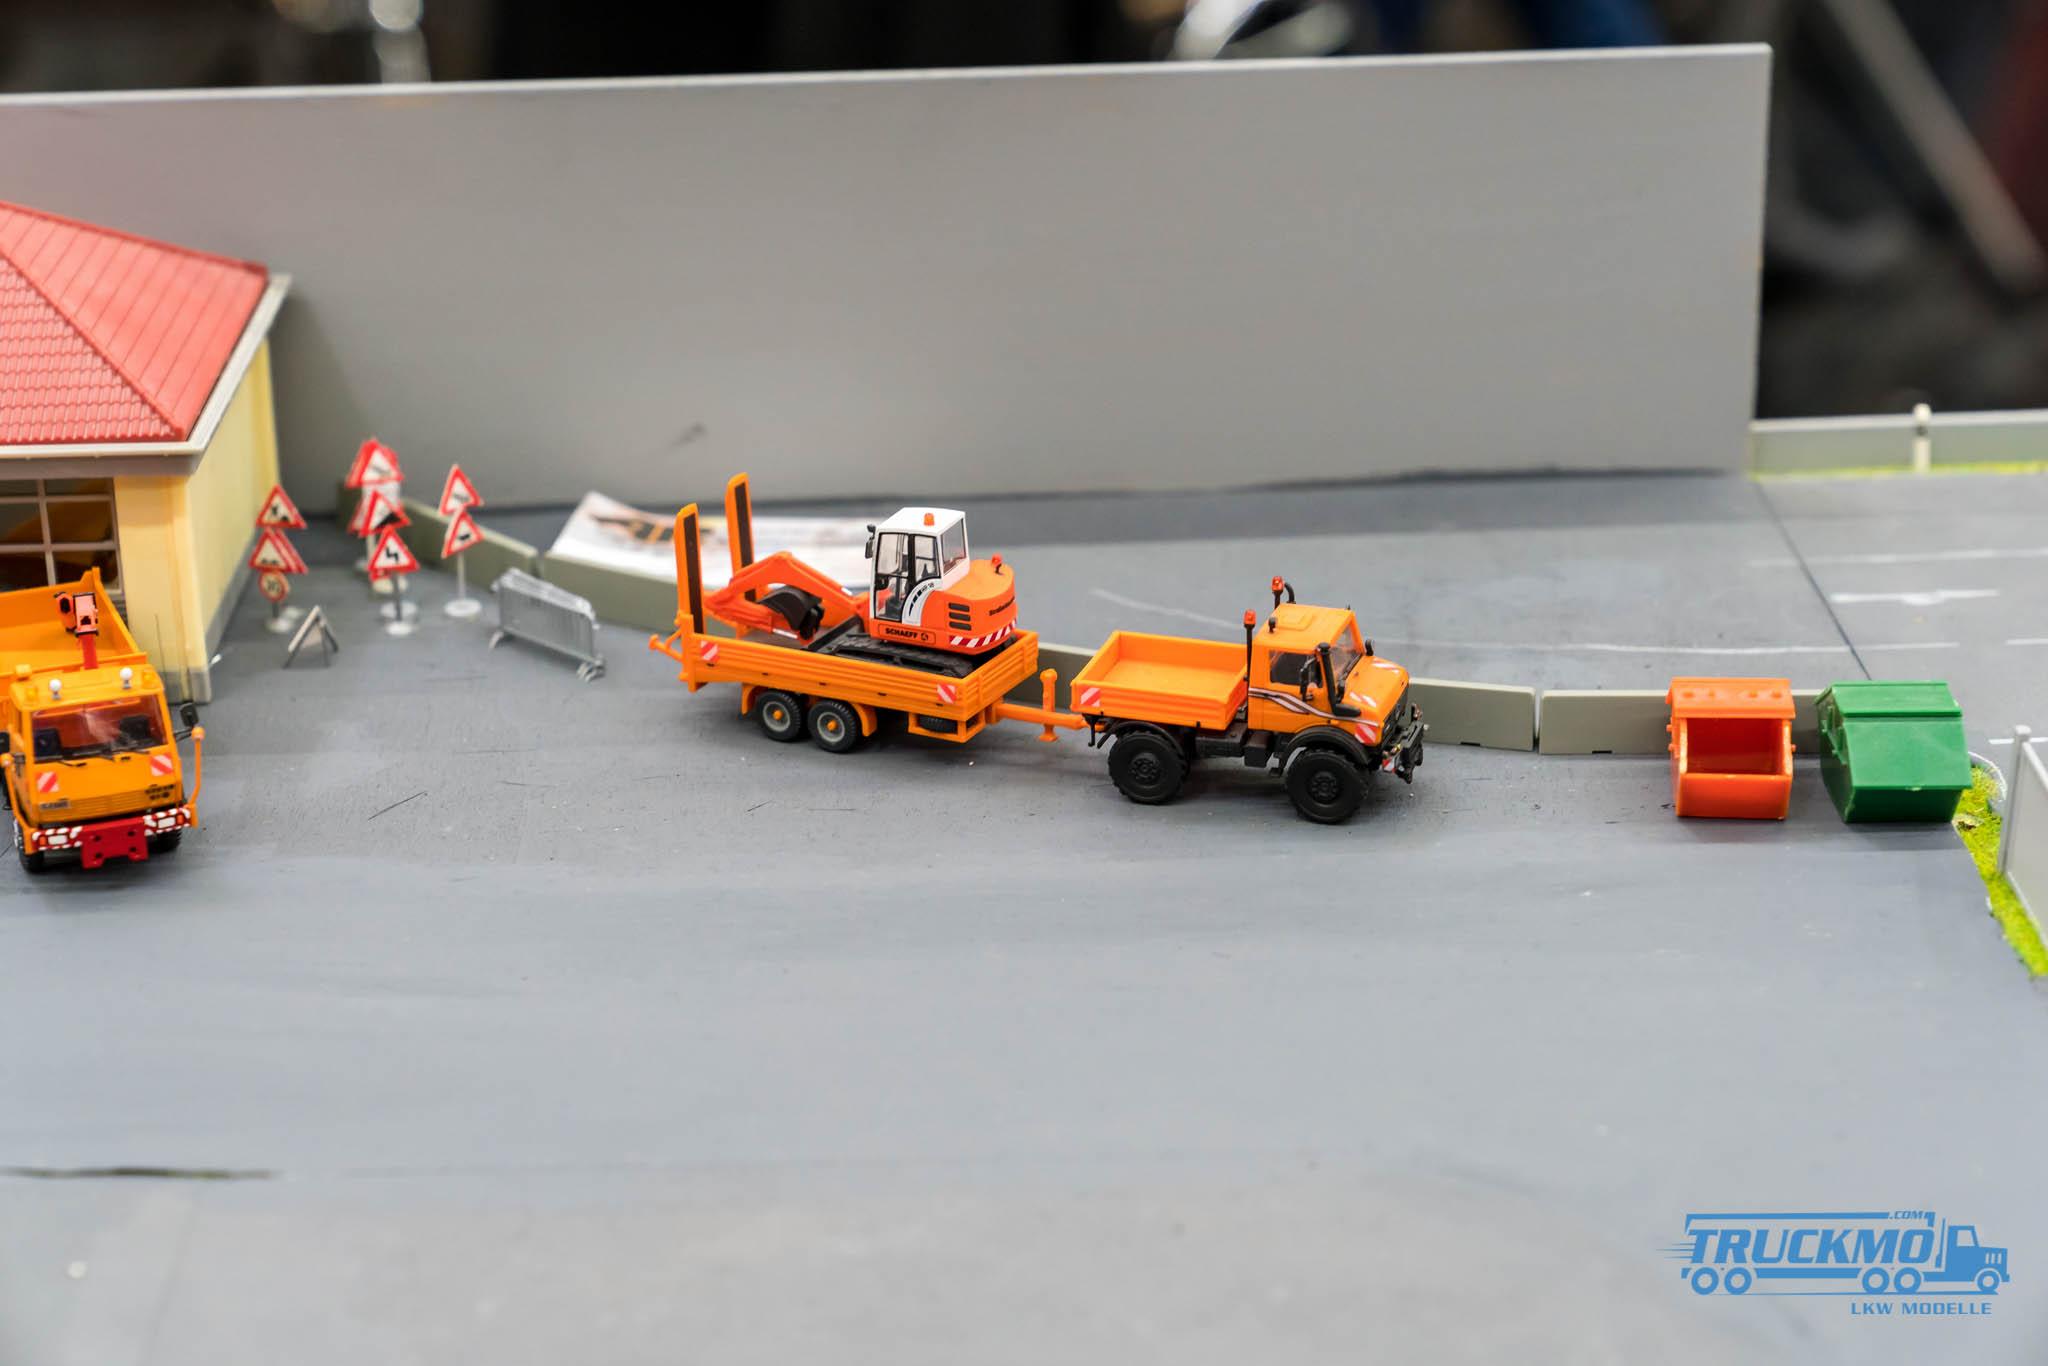 Truckmo_Modellbau_Ried_2017_Herpa_Messe_Modellbauausstellung (135 von 1177)